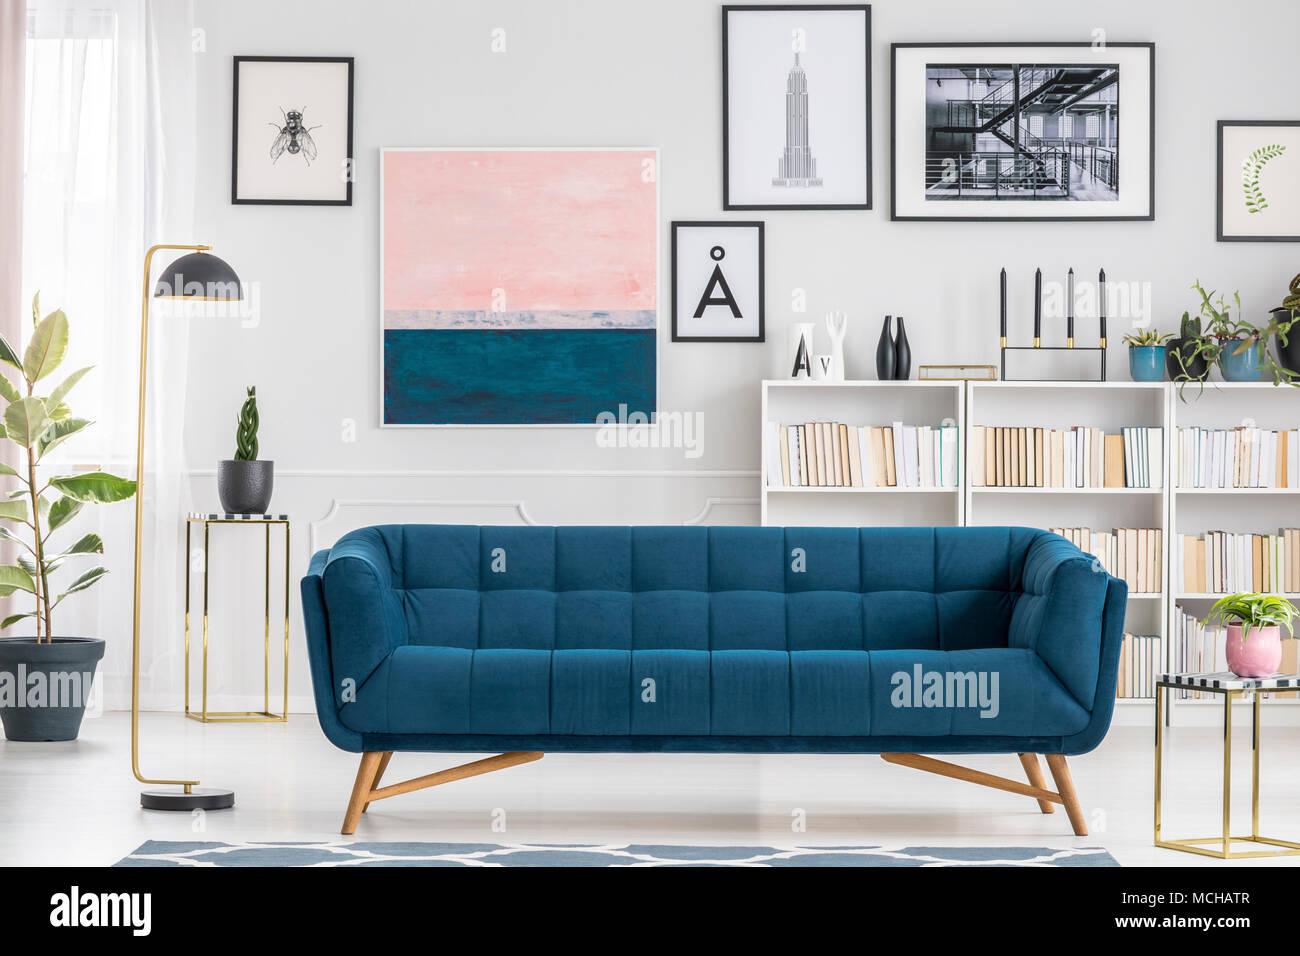 Bequem Blaue Couch In Weiss Wohnzimmer Interieur Mit Bucherregal Und